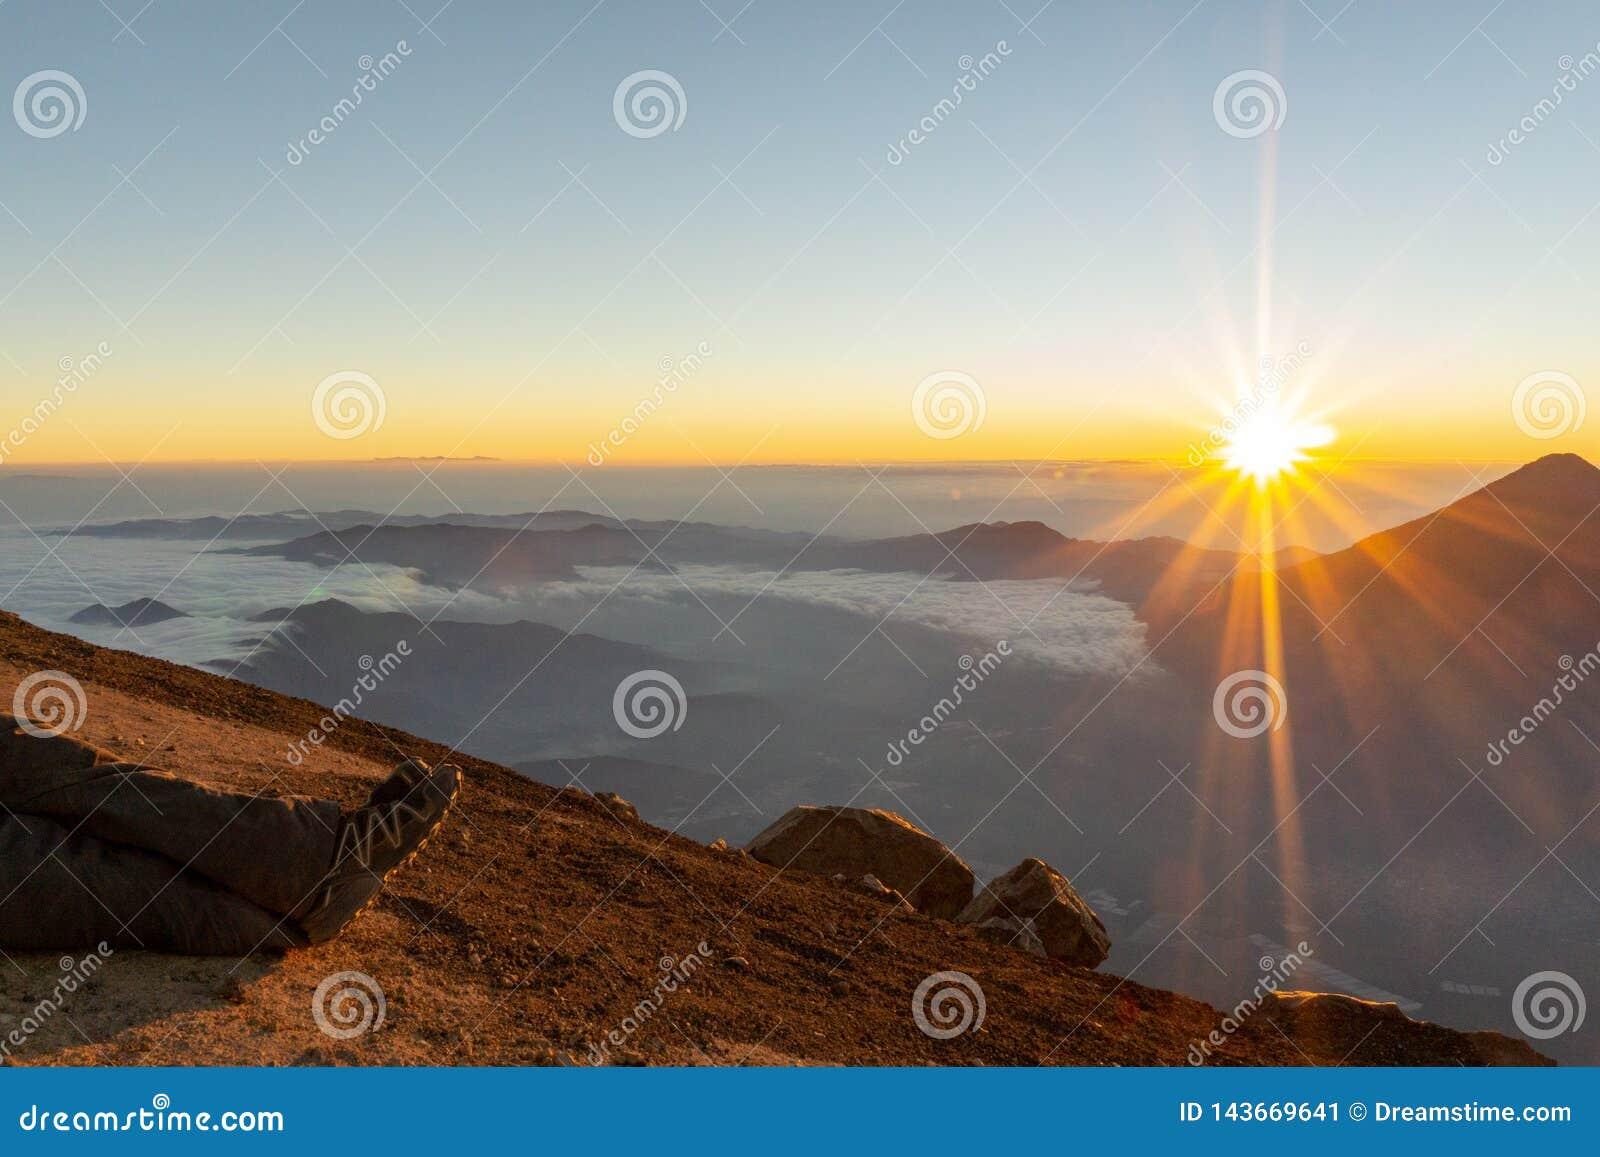 Lever de soleil sur un volcan